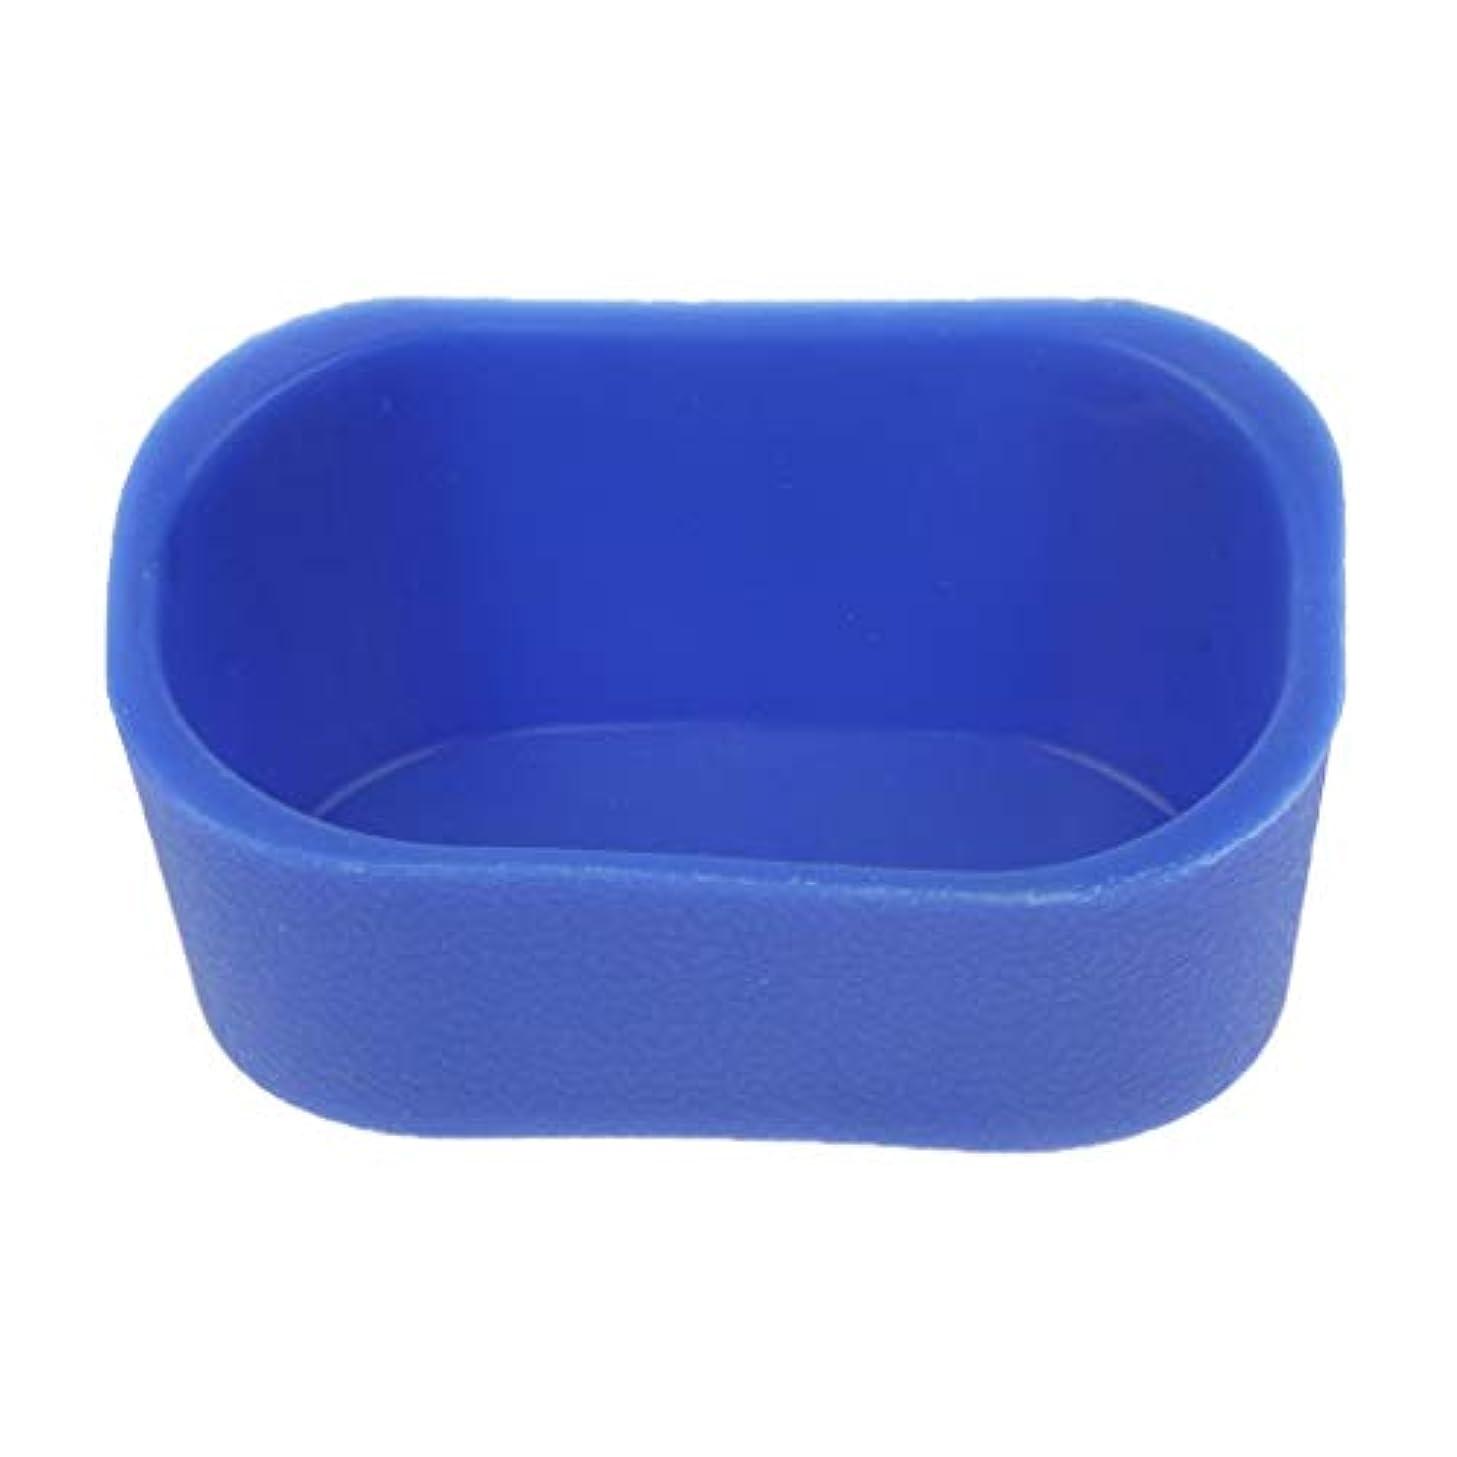 コメンテーター害有用D DOLITY シャンプーボウル ピロー ネックレス クッション 高品質 5色選べ - 青